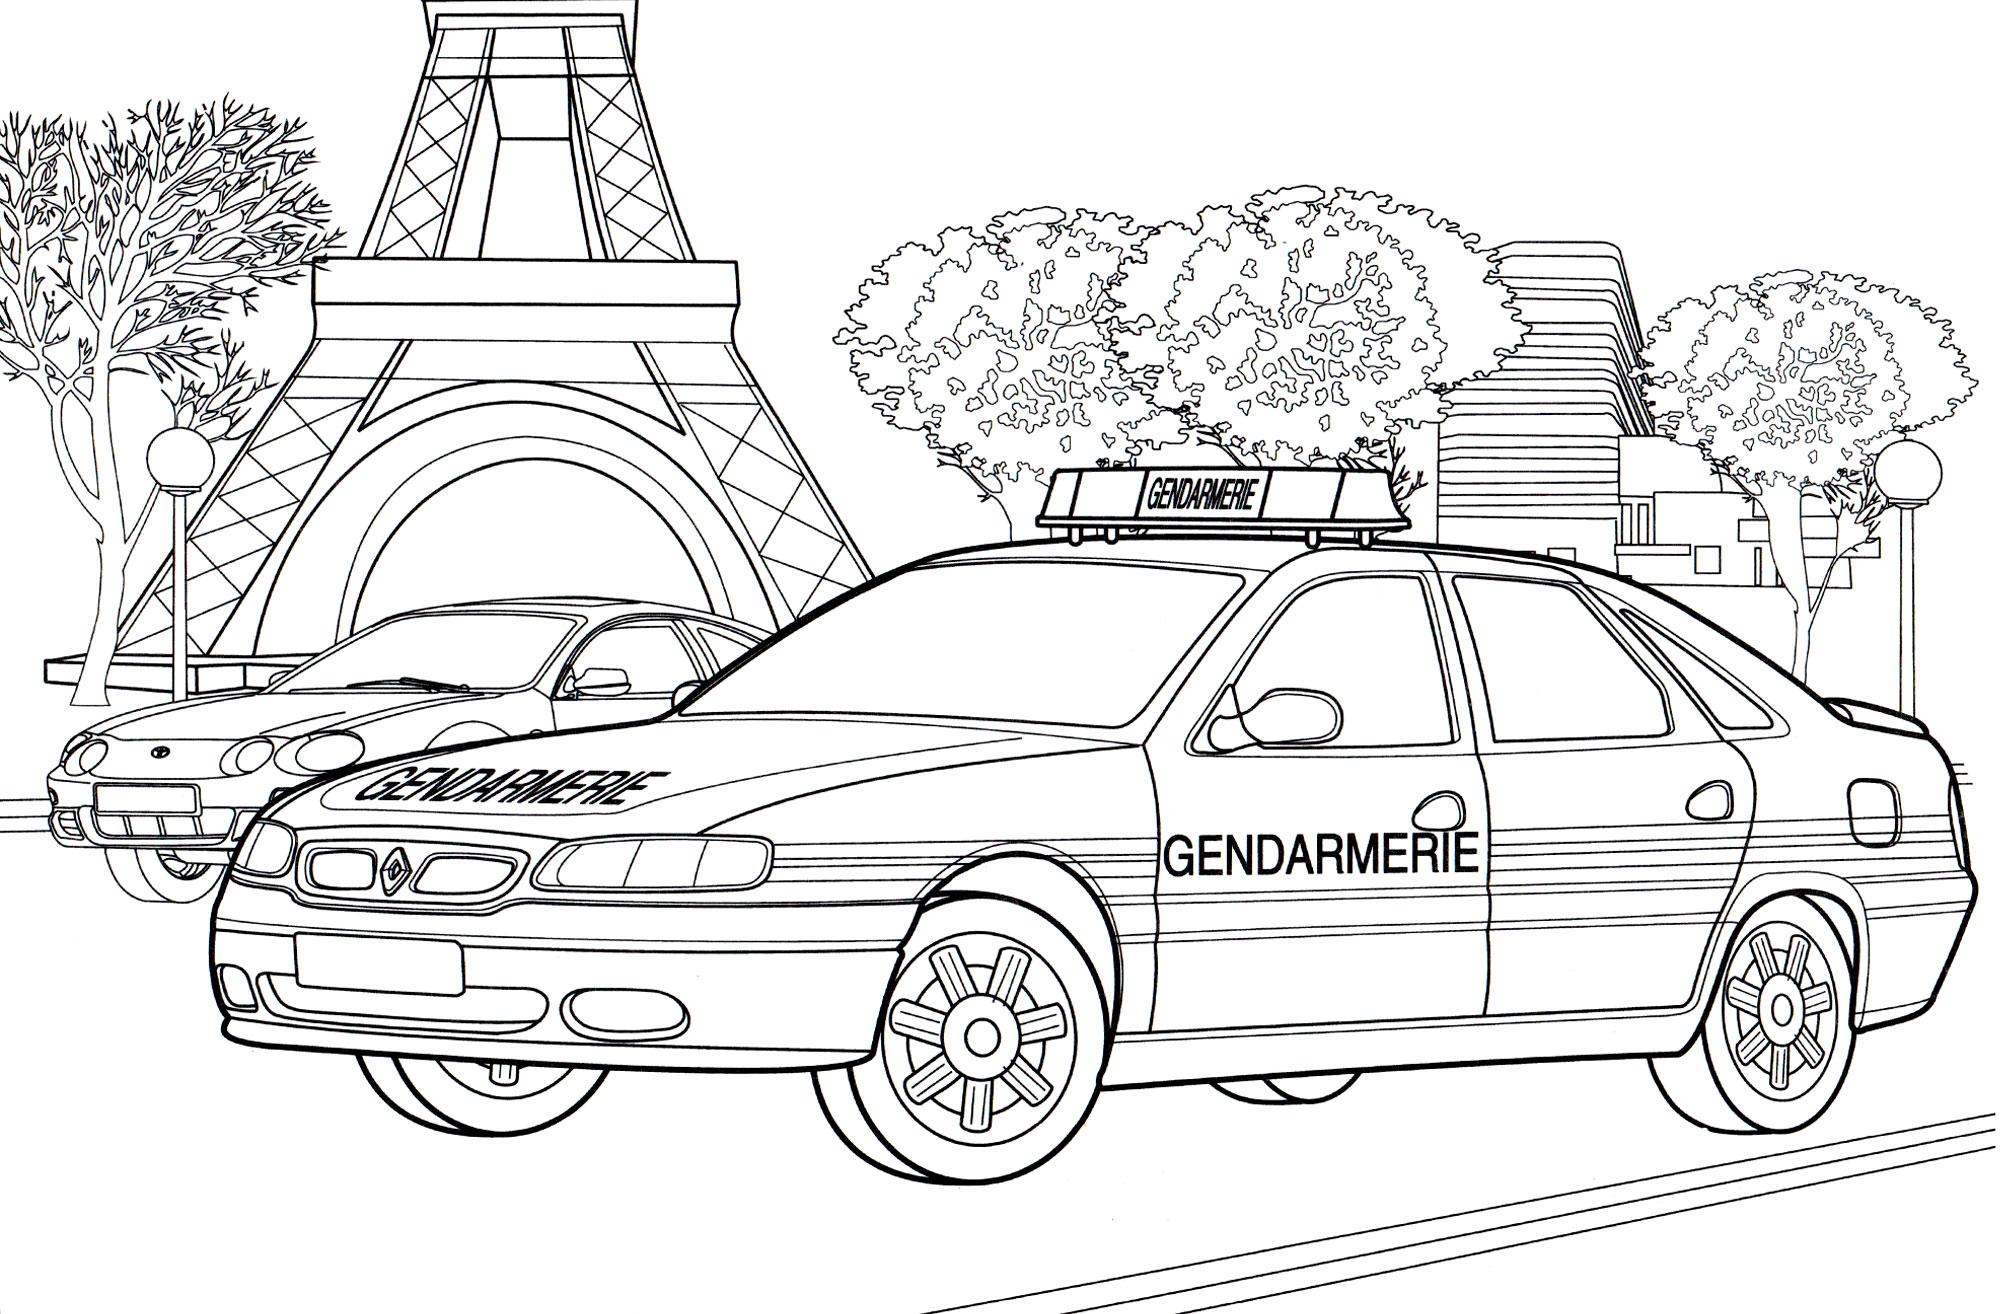 Раскраска Полицейская машина Франция - распечатать бесплатно